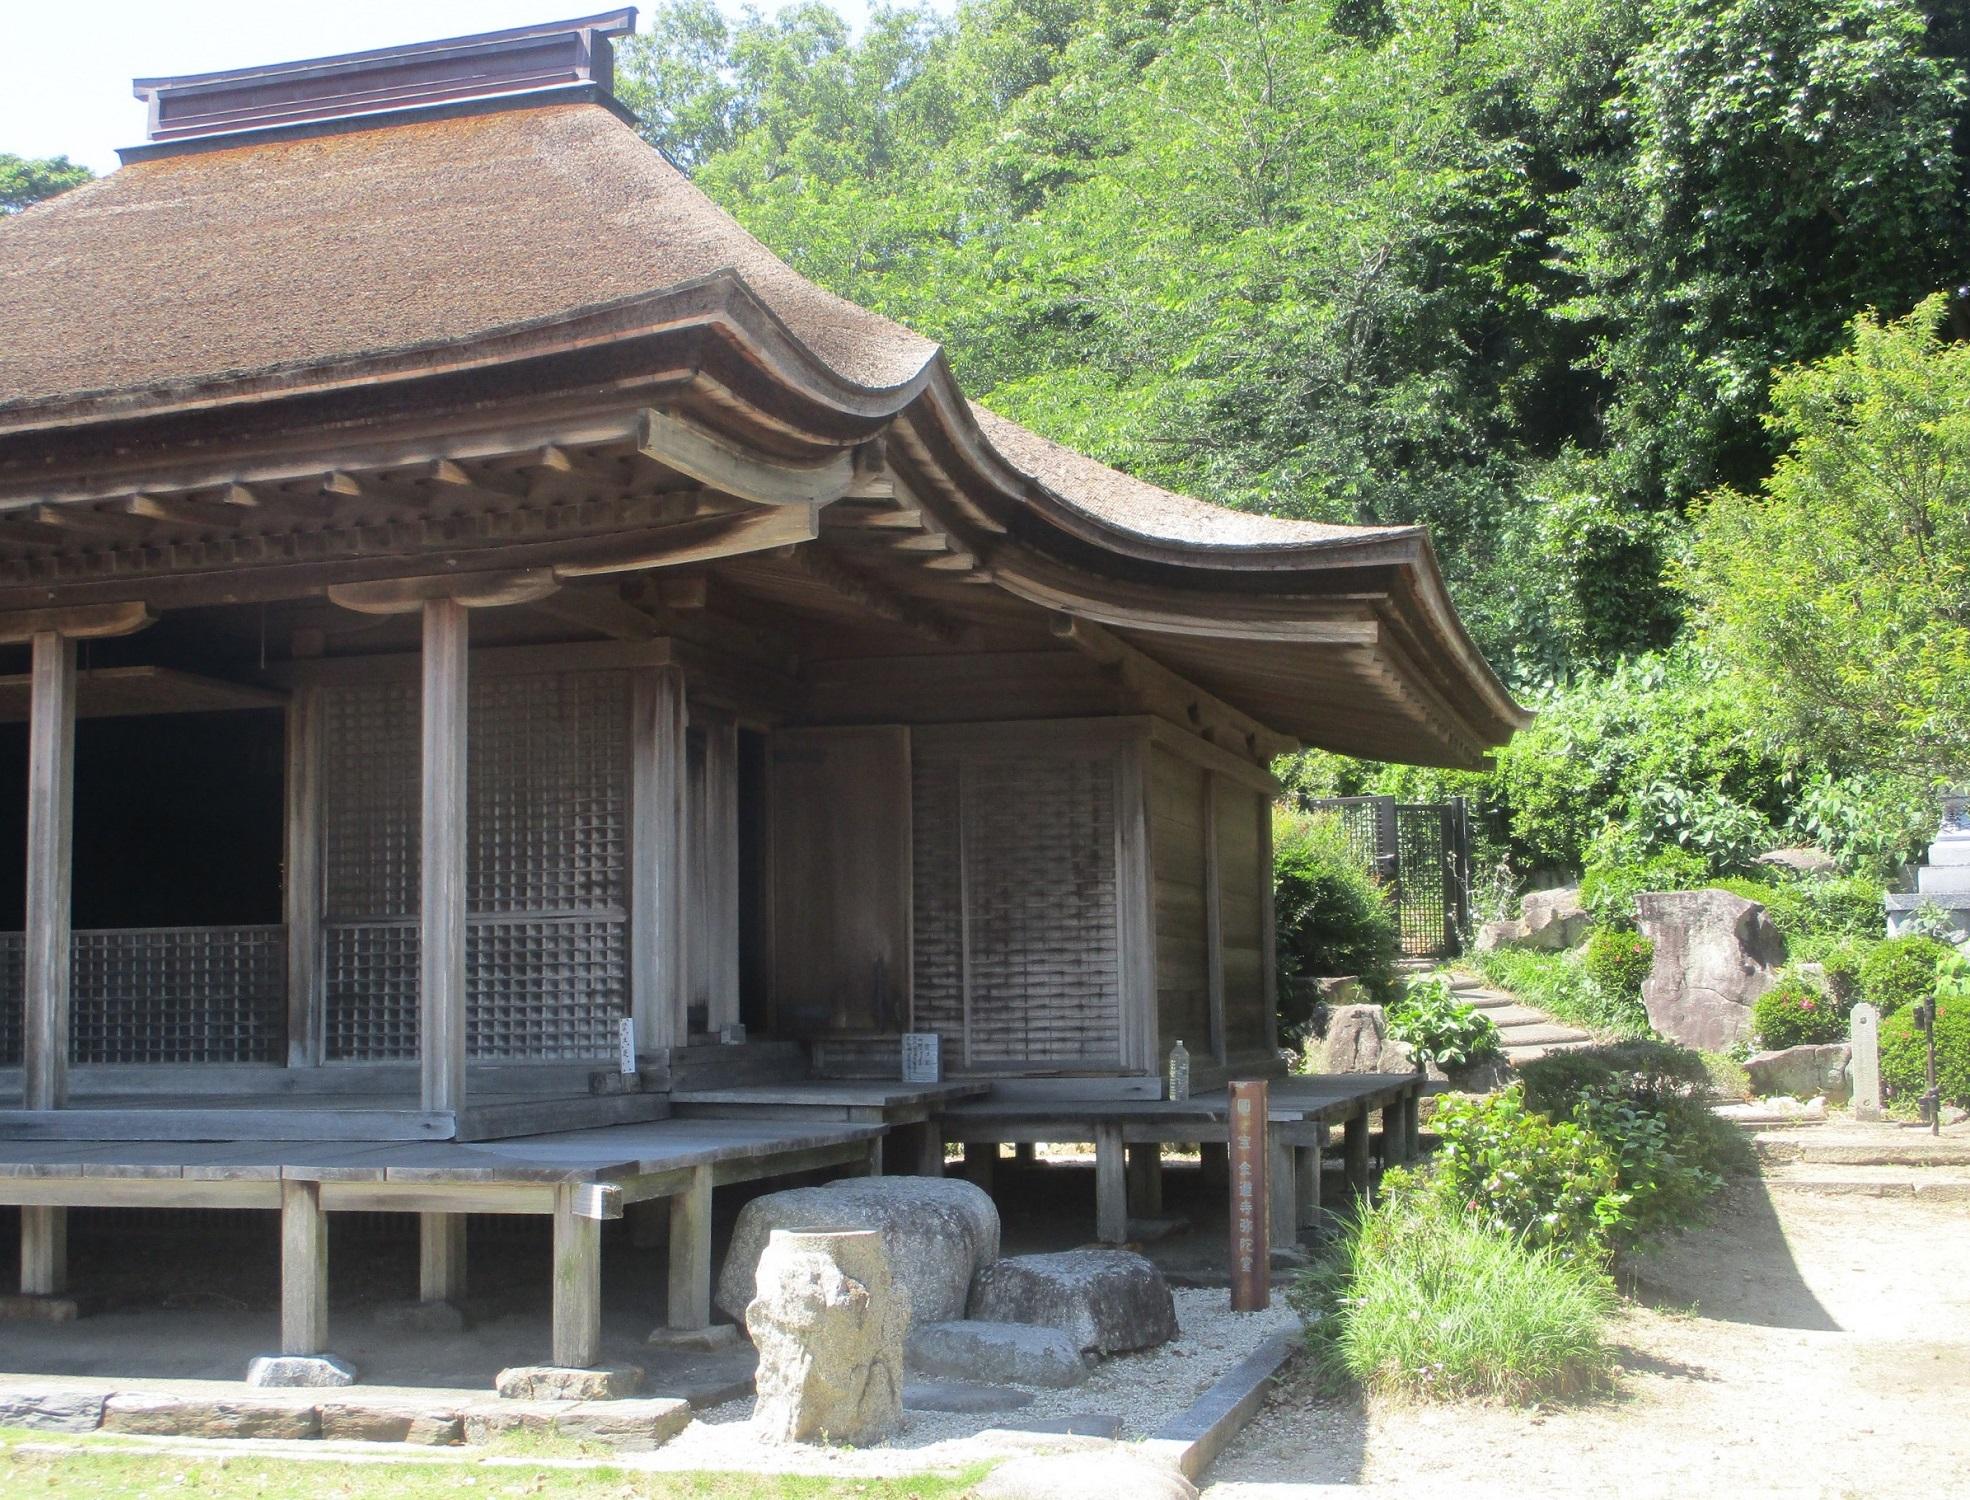 2020.5.29 (23) 金蓮寺弥陀堂 - 孫庇 1970-1500